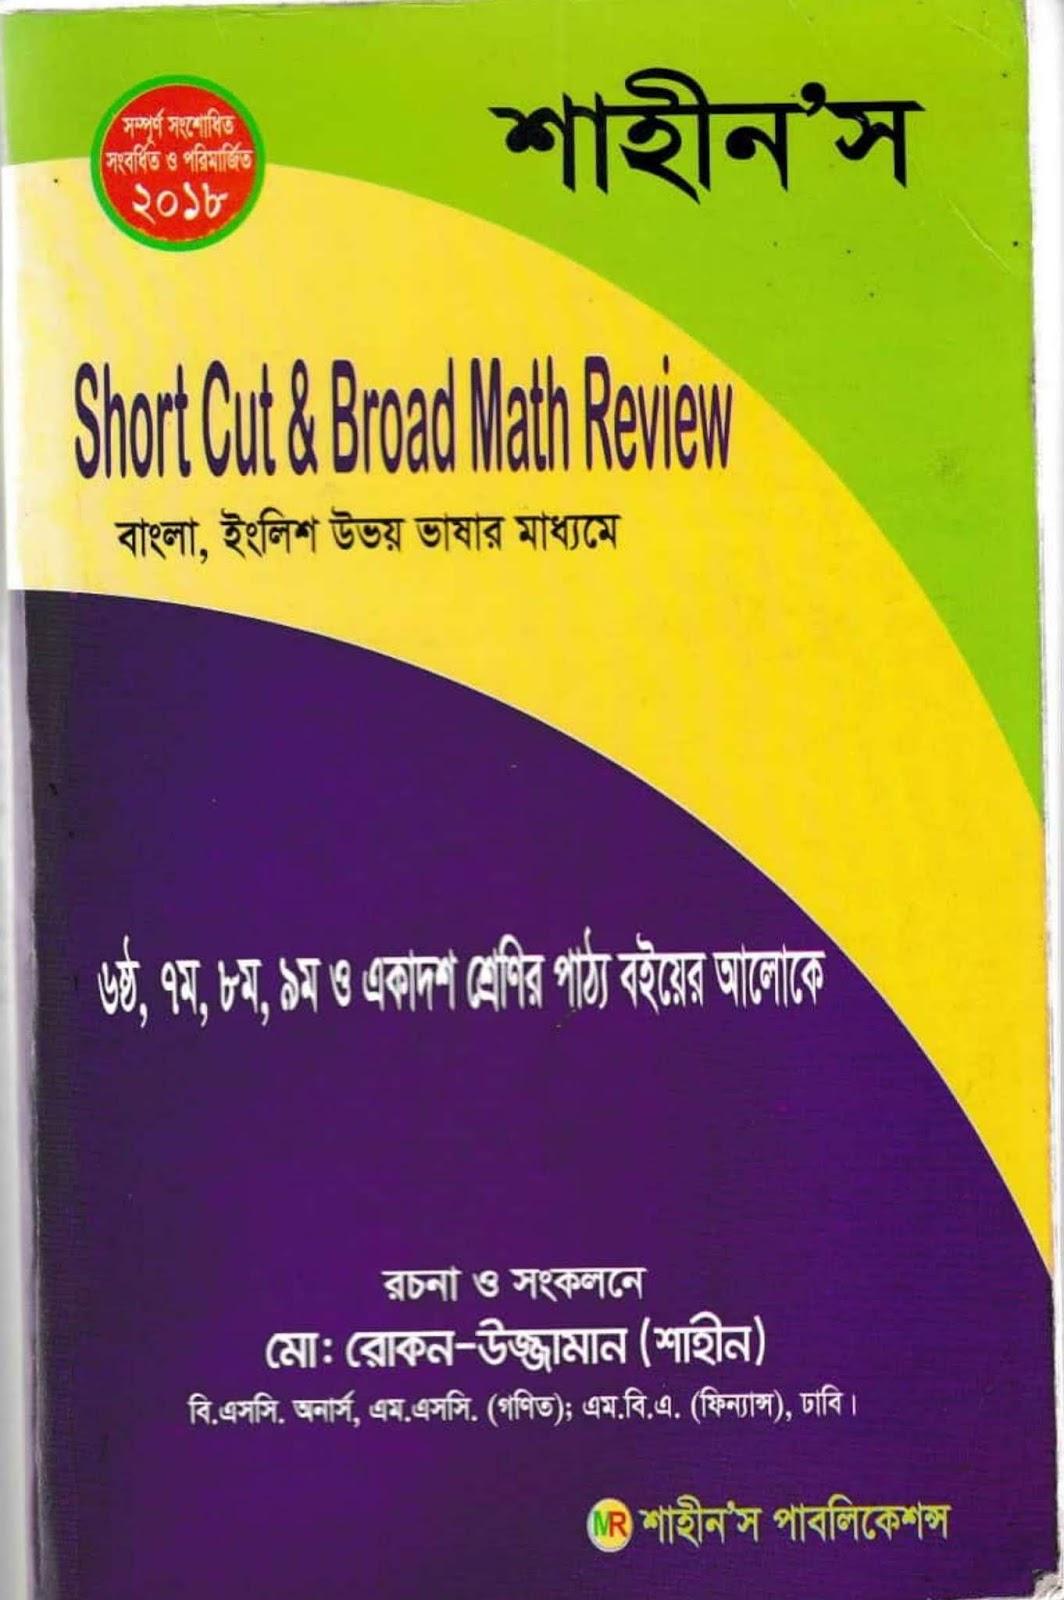 শর্টকাট ম্যাথ বই,শর্টকাট গণিত pdf,Shahin's math PDF, গণিত pdf download,চাকরির গণিত সমাধান pdf,চাকরির গণিত সমাধান pdf, শাহীন'স ম্যাথ pdf, শর্টকাট ম্যাথ pdf